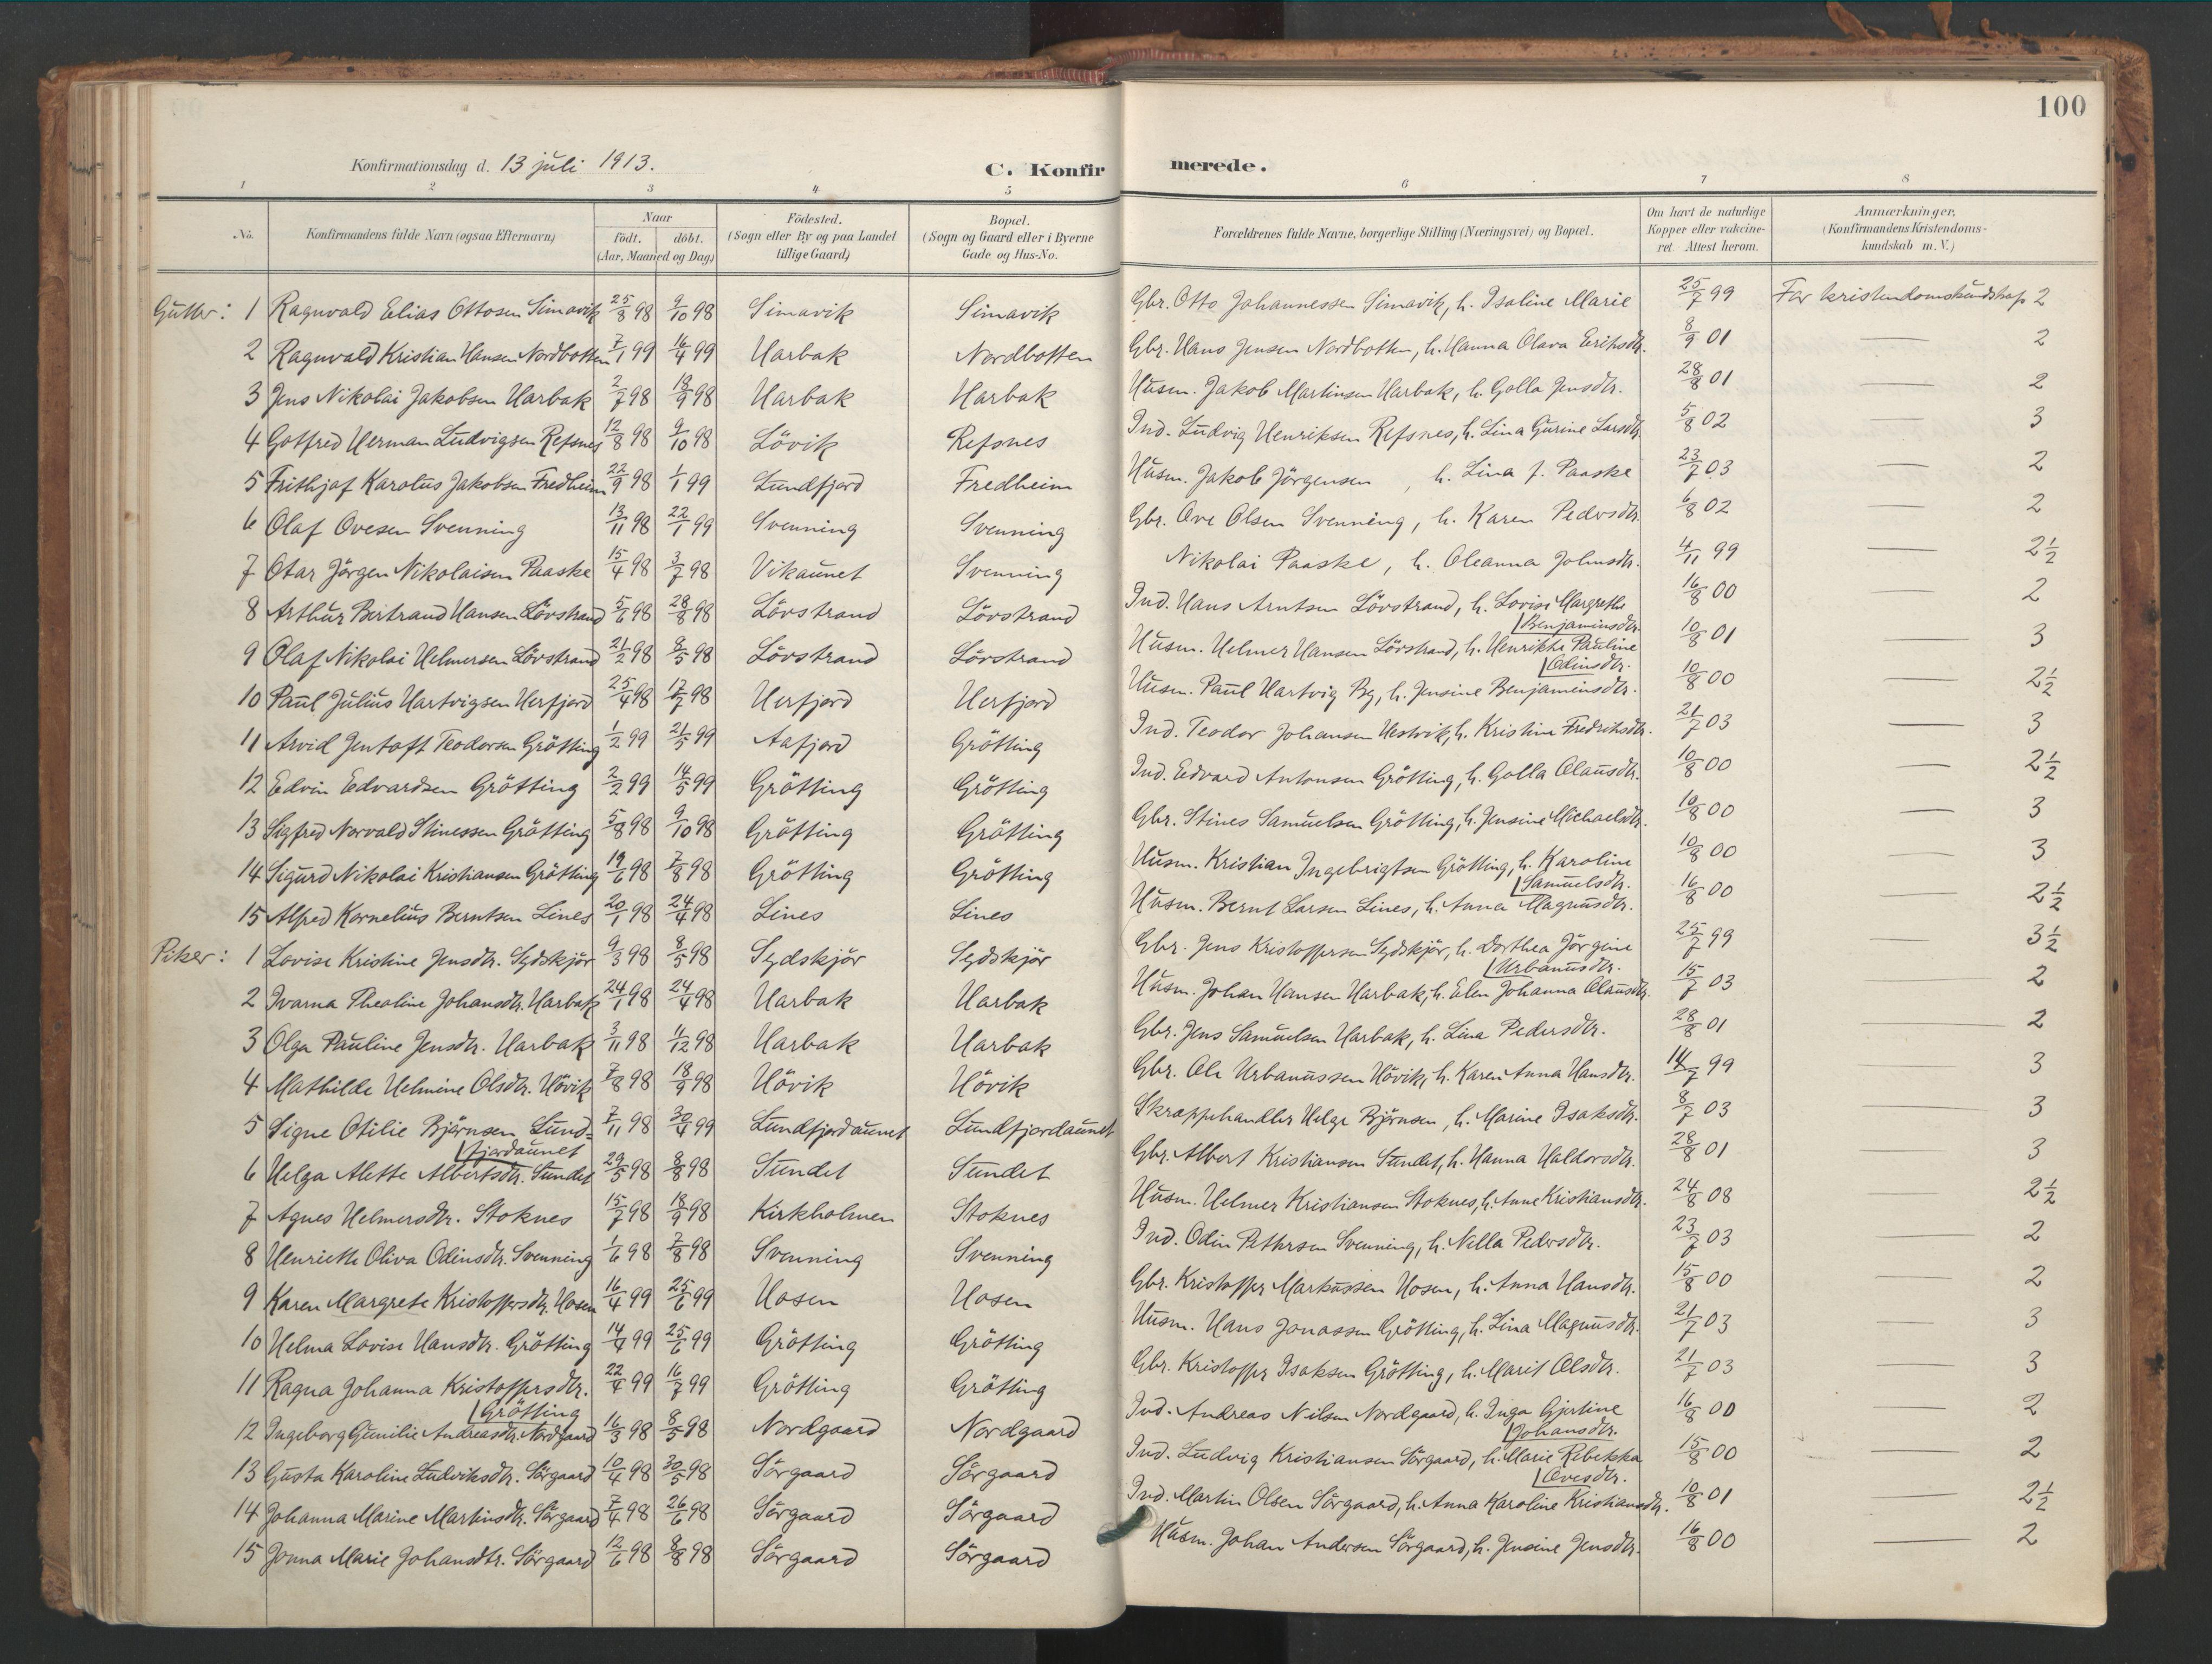 SAT, Ministerialprotokoller, klokkerbøker og fødselsregistre - Sør-Trøndelag, 656/L0693: Ministerialbok nr. 656A02, 1894-1913, s. 100